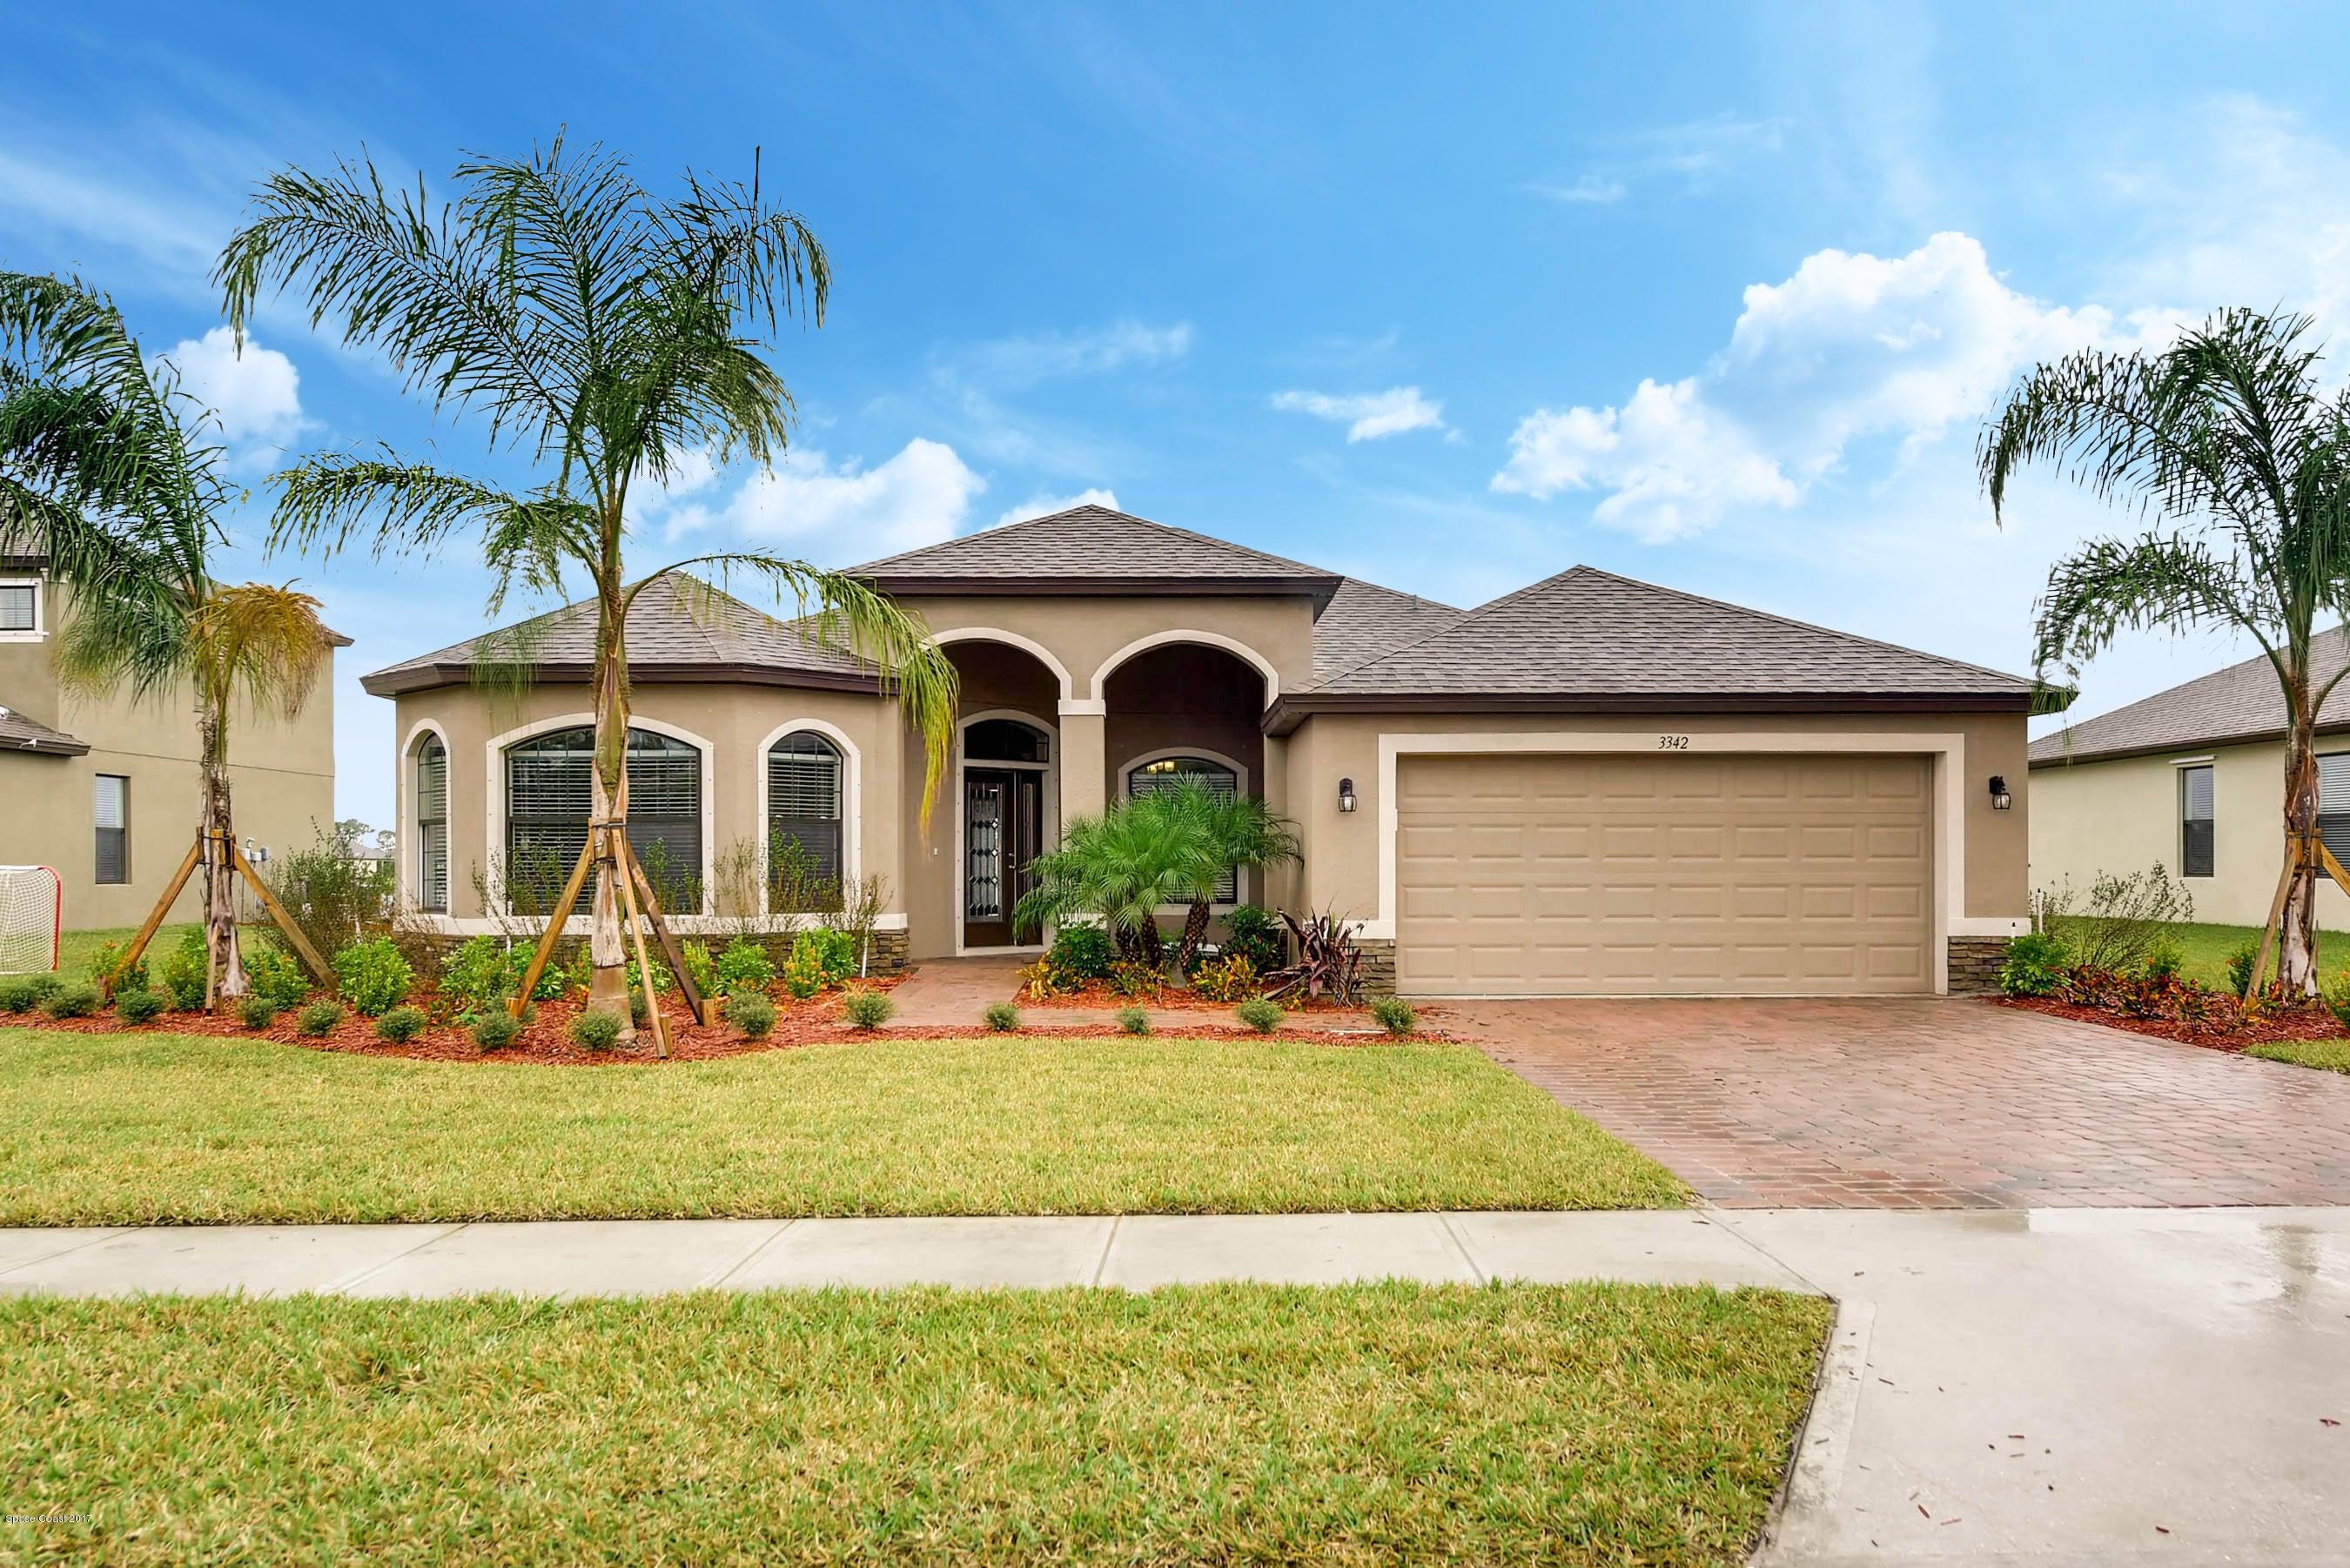 獨棟家庭住宅 為 出售 在 3370 Salt Marsh 3370 Salt Marsh West Melbourne, 佛羅里達州 32904 美國